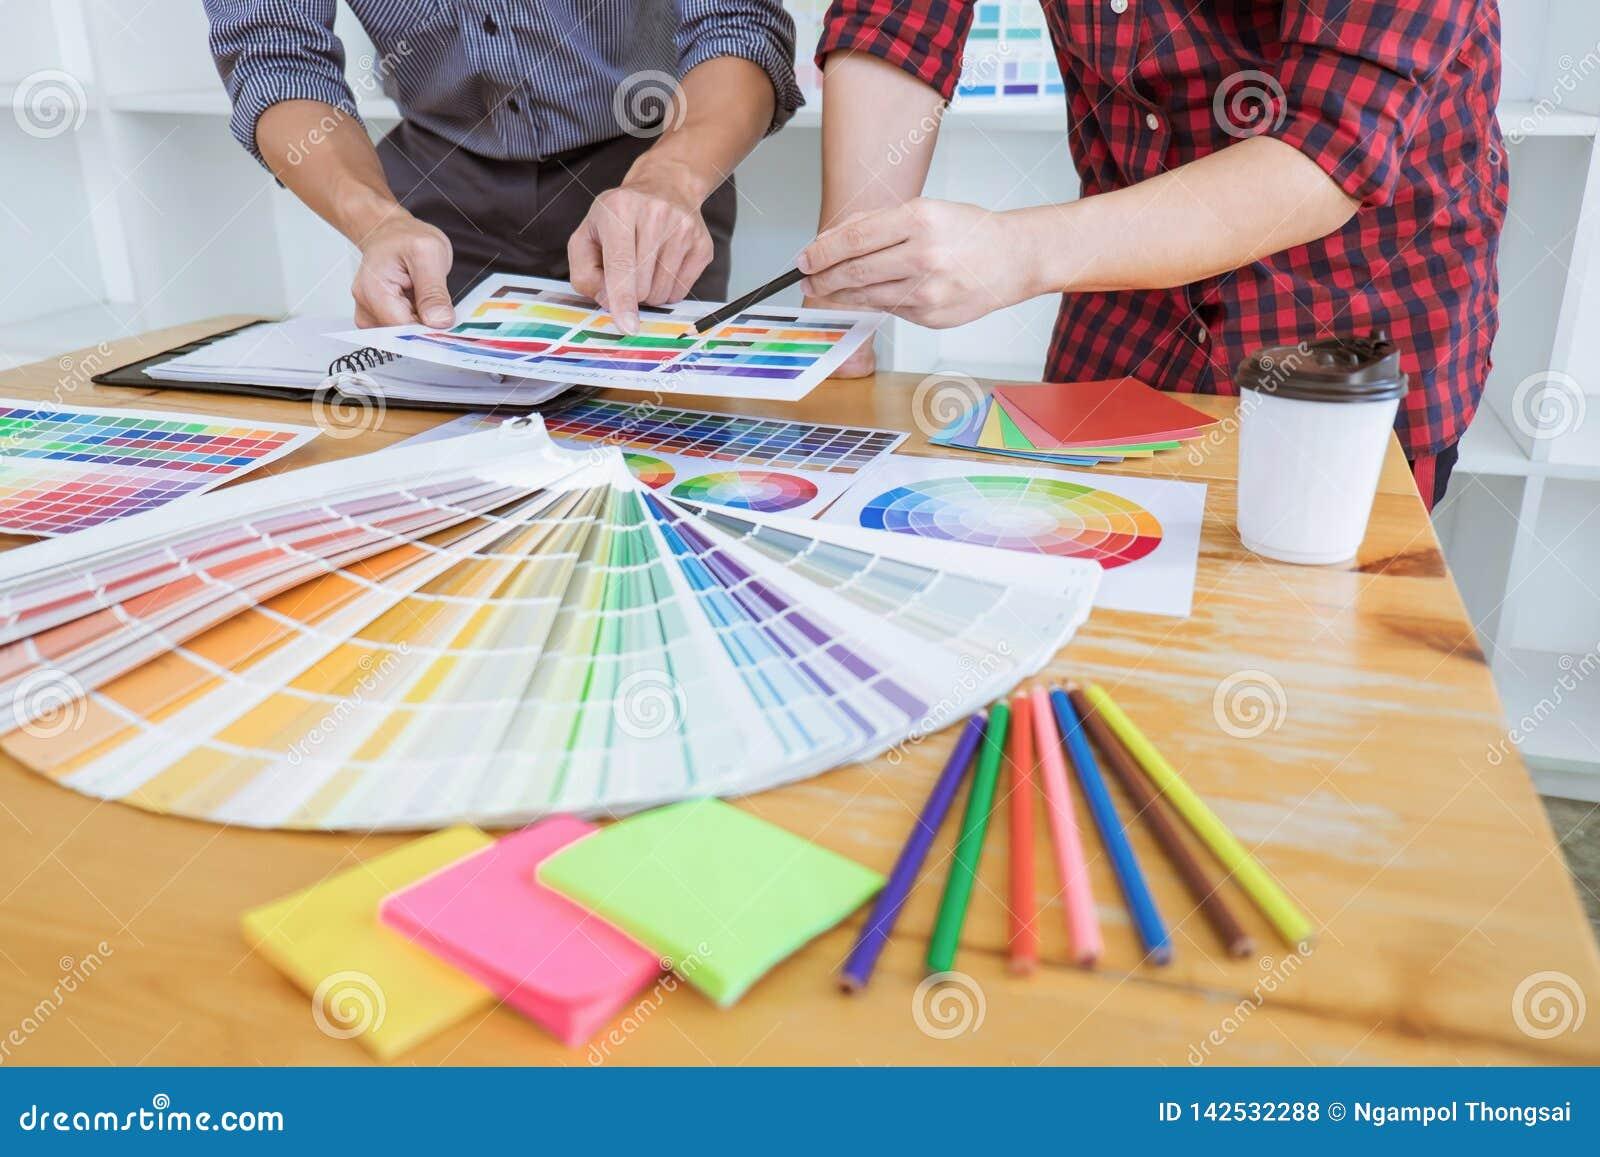 Het groepswerk van jonge creatieve ontwerpers die aan project samenwerken en kiest de steekproeven van het kleurenmonster voor se